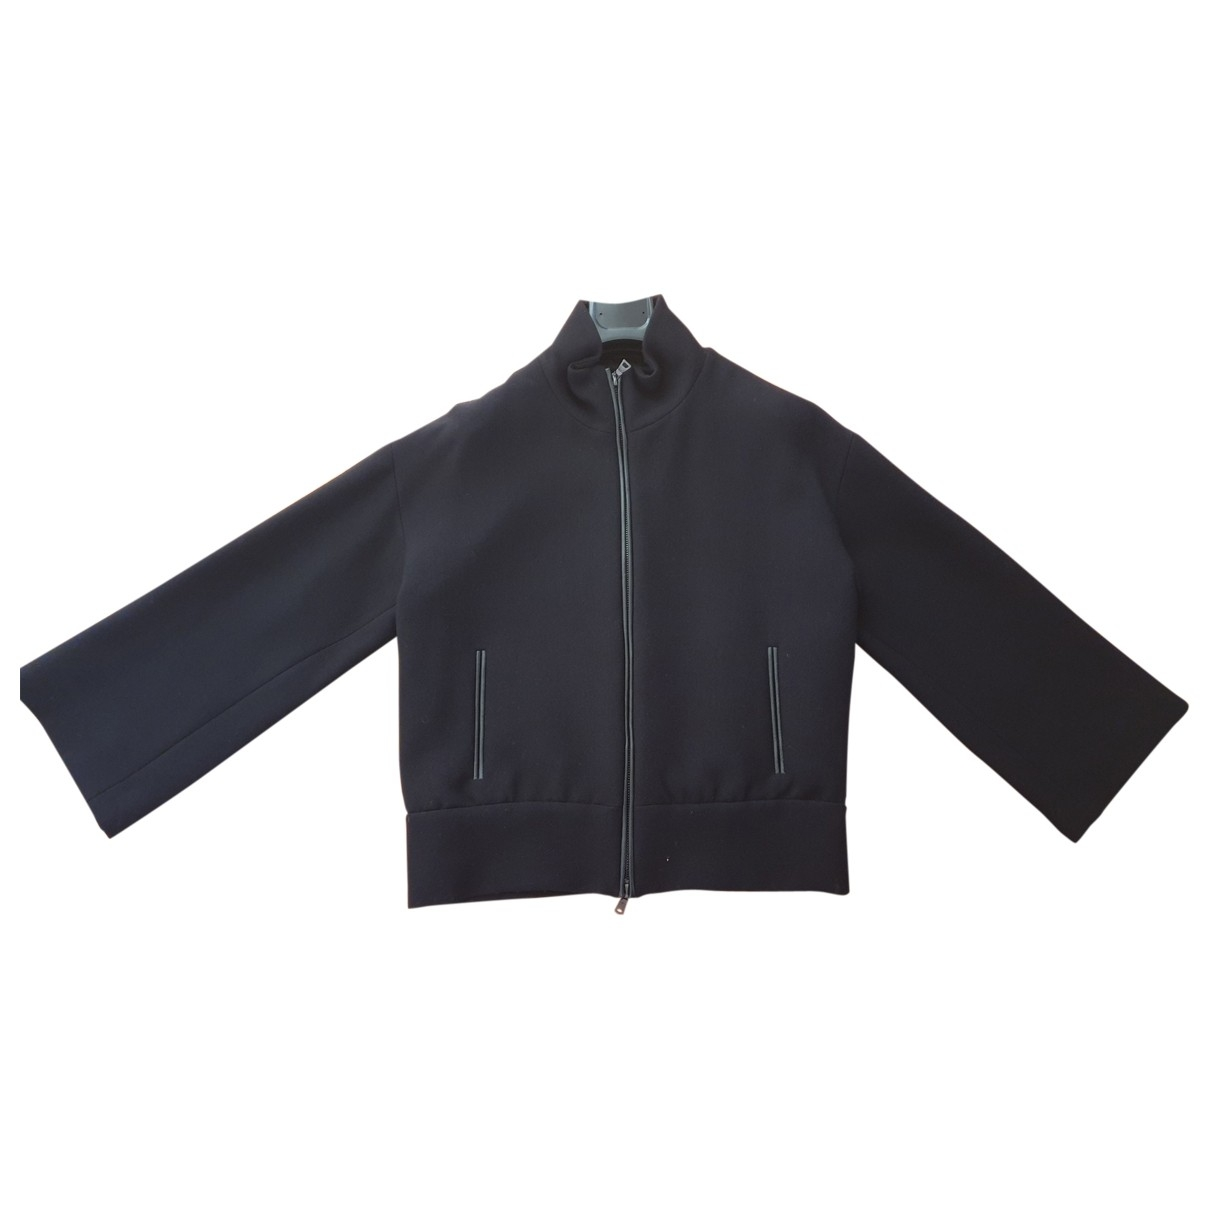 Prada \N Black Wool jacket for Women 46 IT